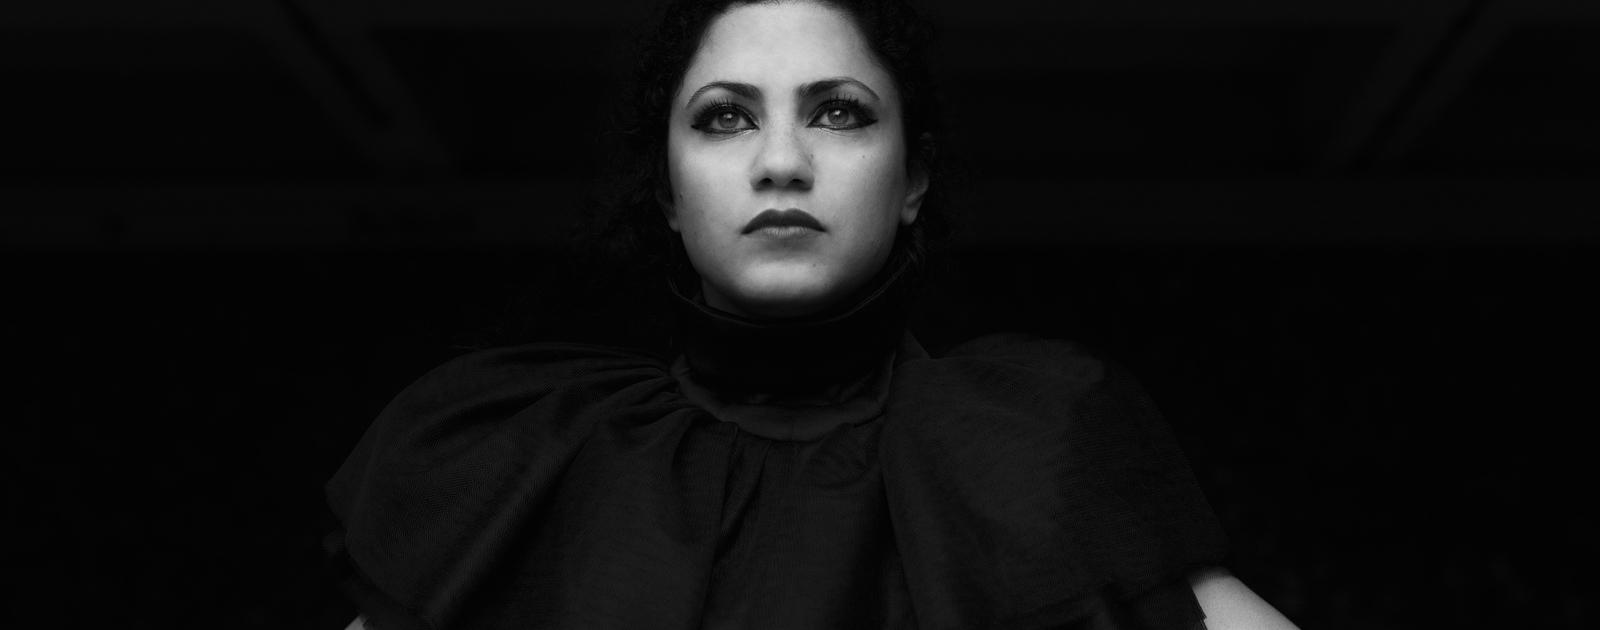 Portrait Emel Mathlouthi